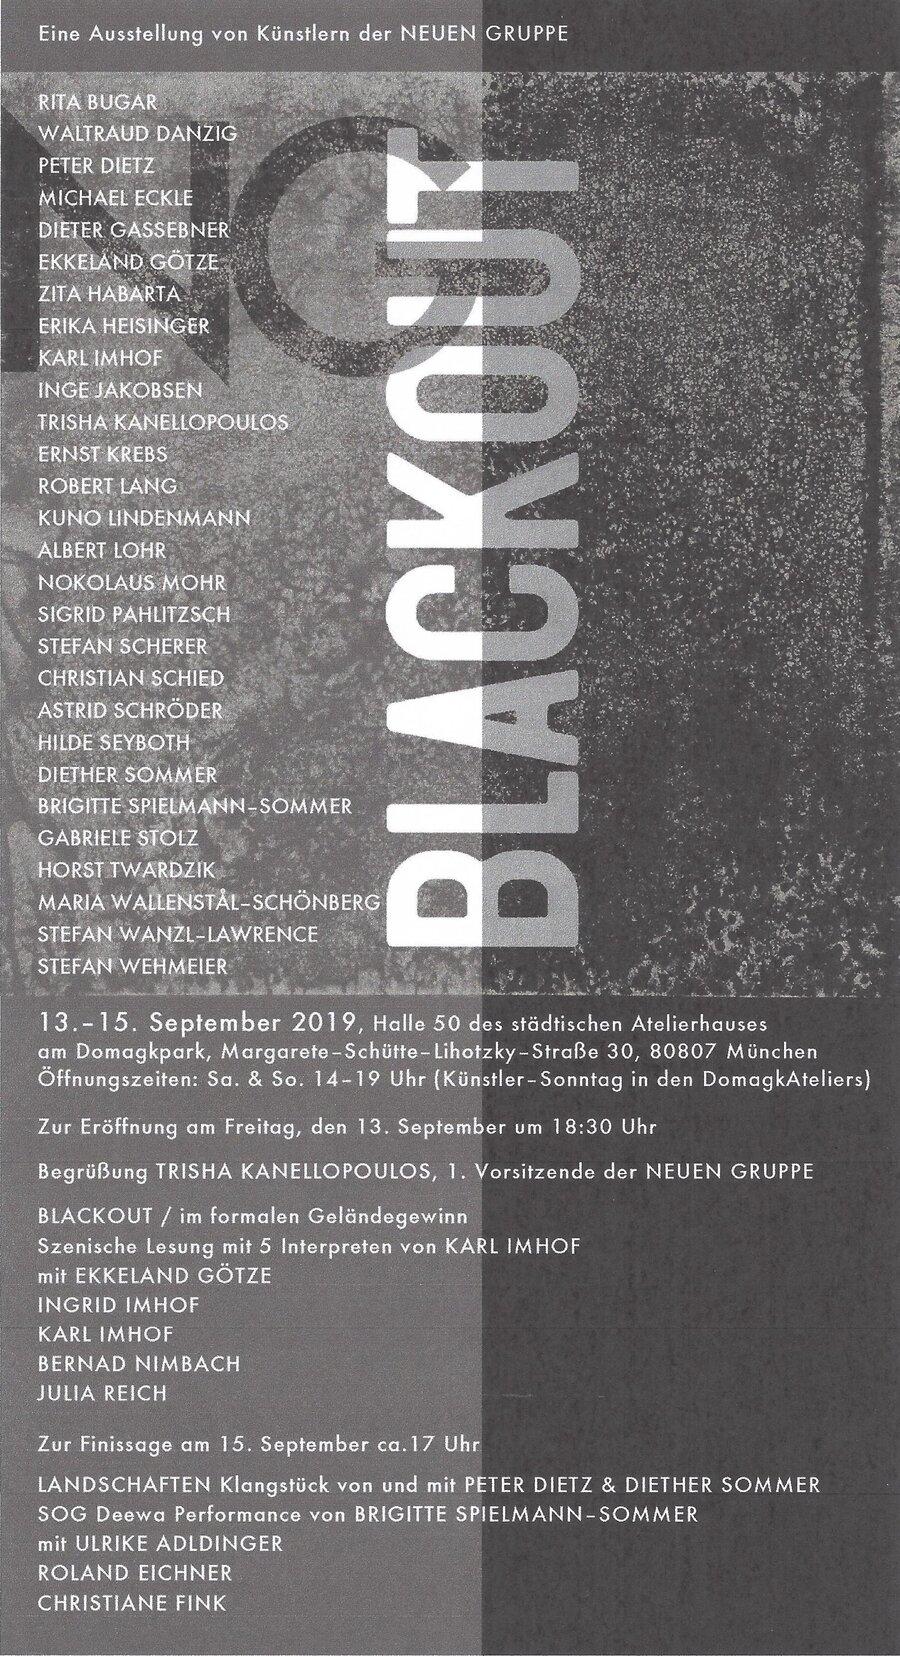 Einladung Blackout